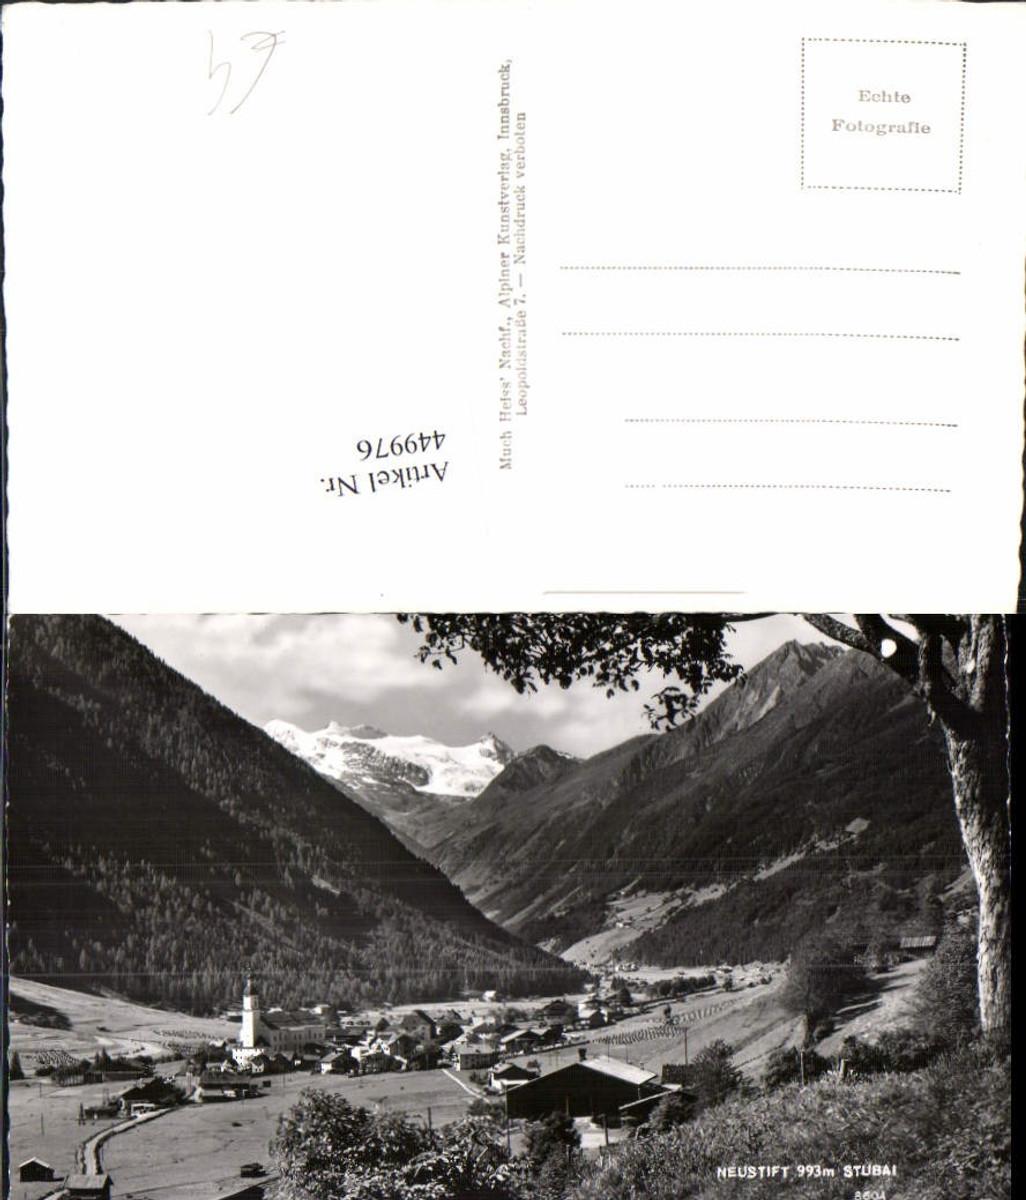 449976,Neustift im Stubaital Totale Bergkulisse günstig online kaufen